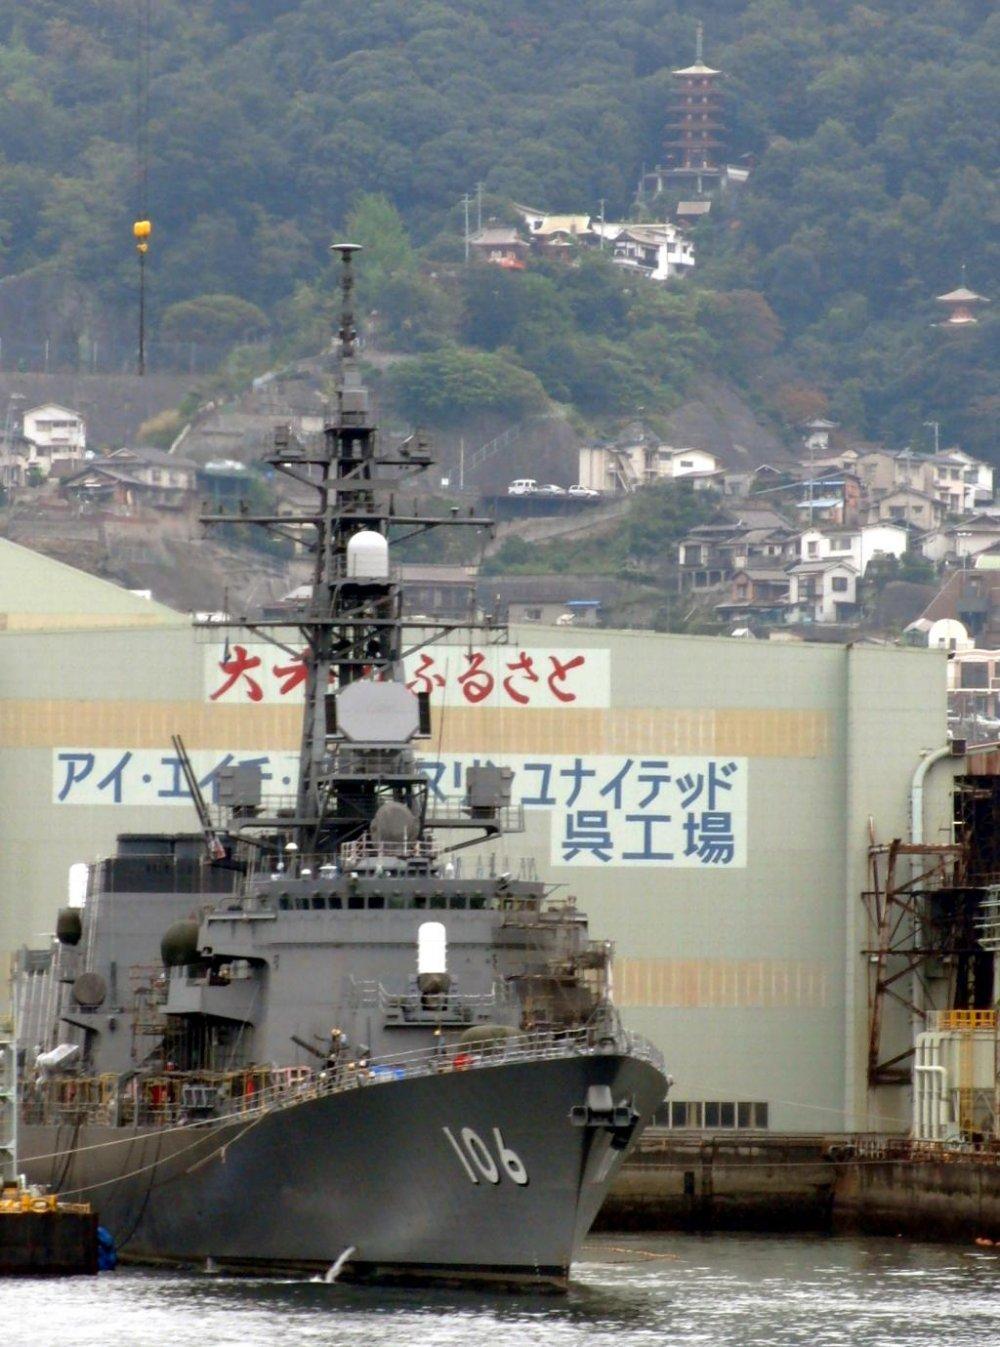 Зайдя в порт Курэ вы сможете увидеть храм манган-дзи на фоне военных кораблей